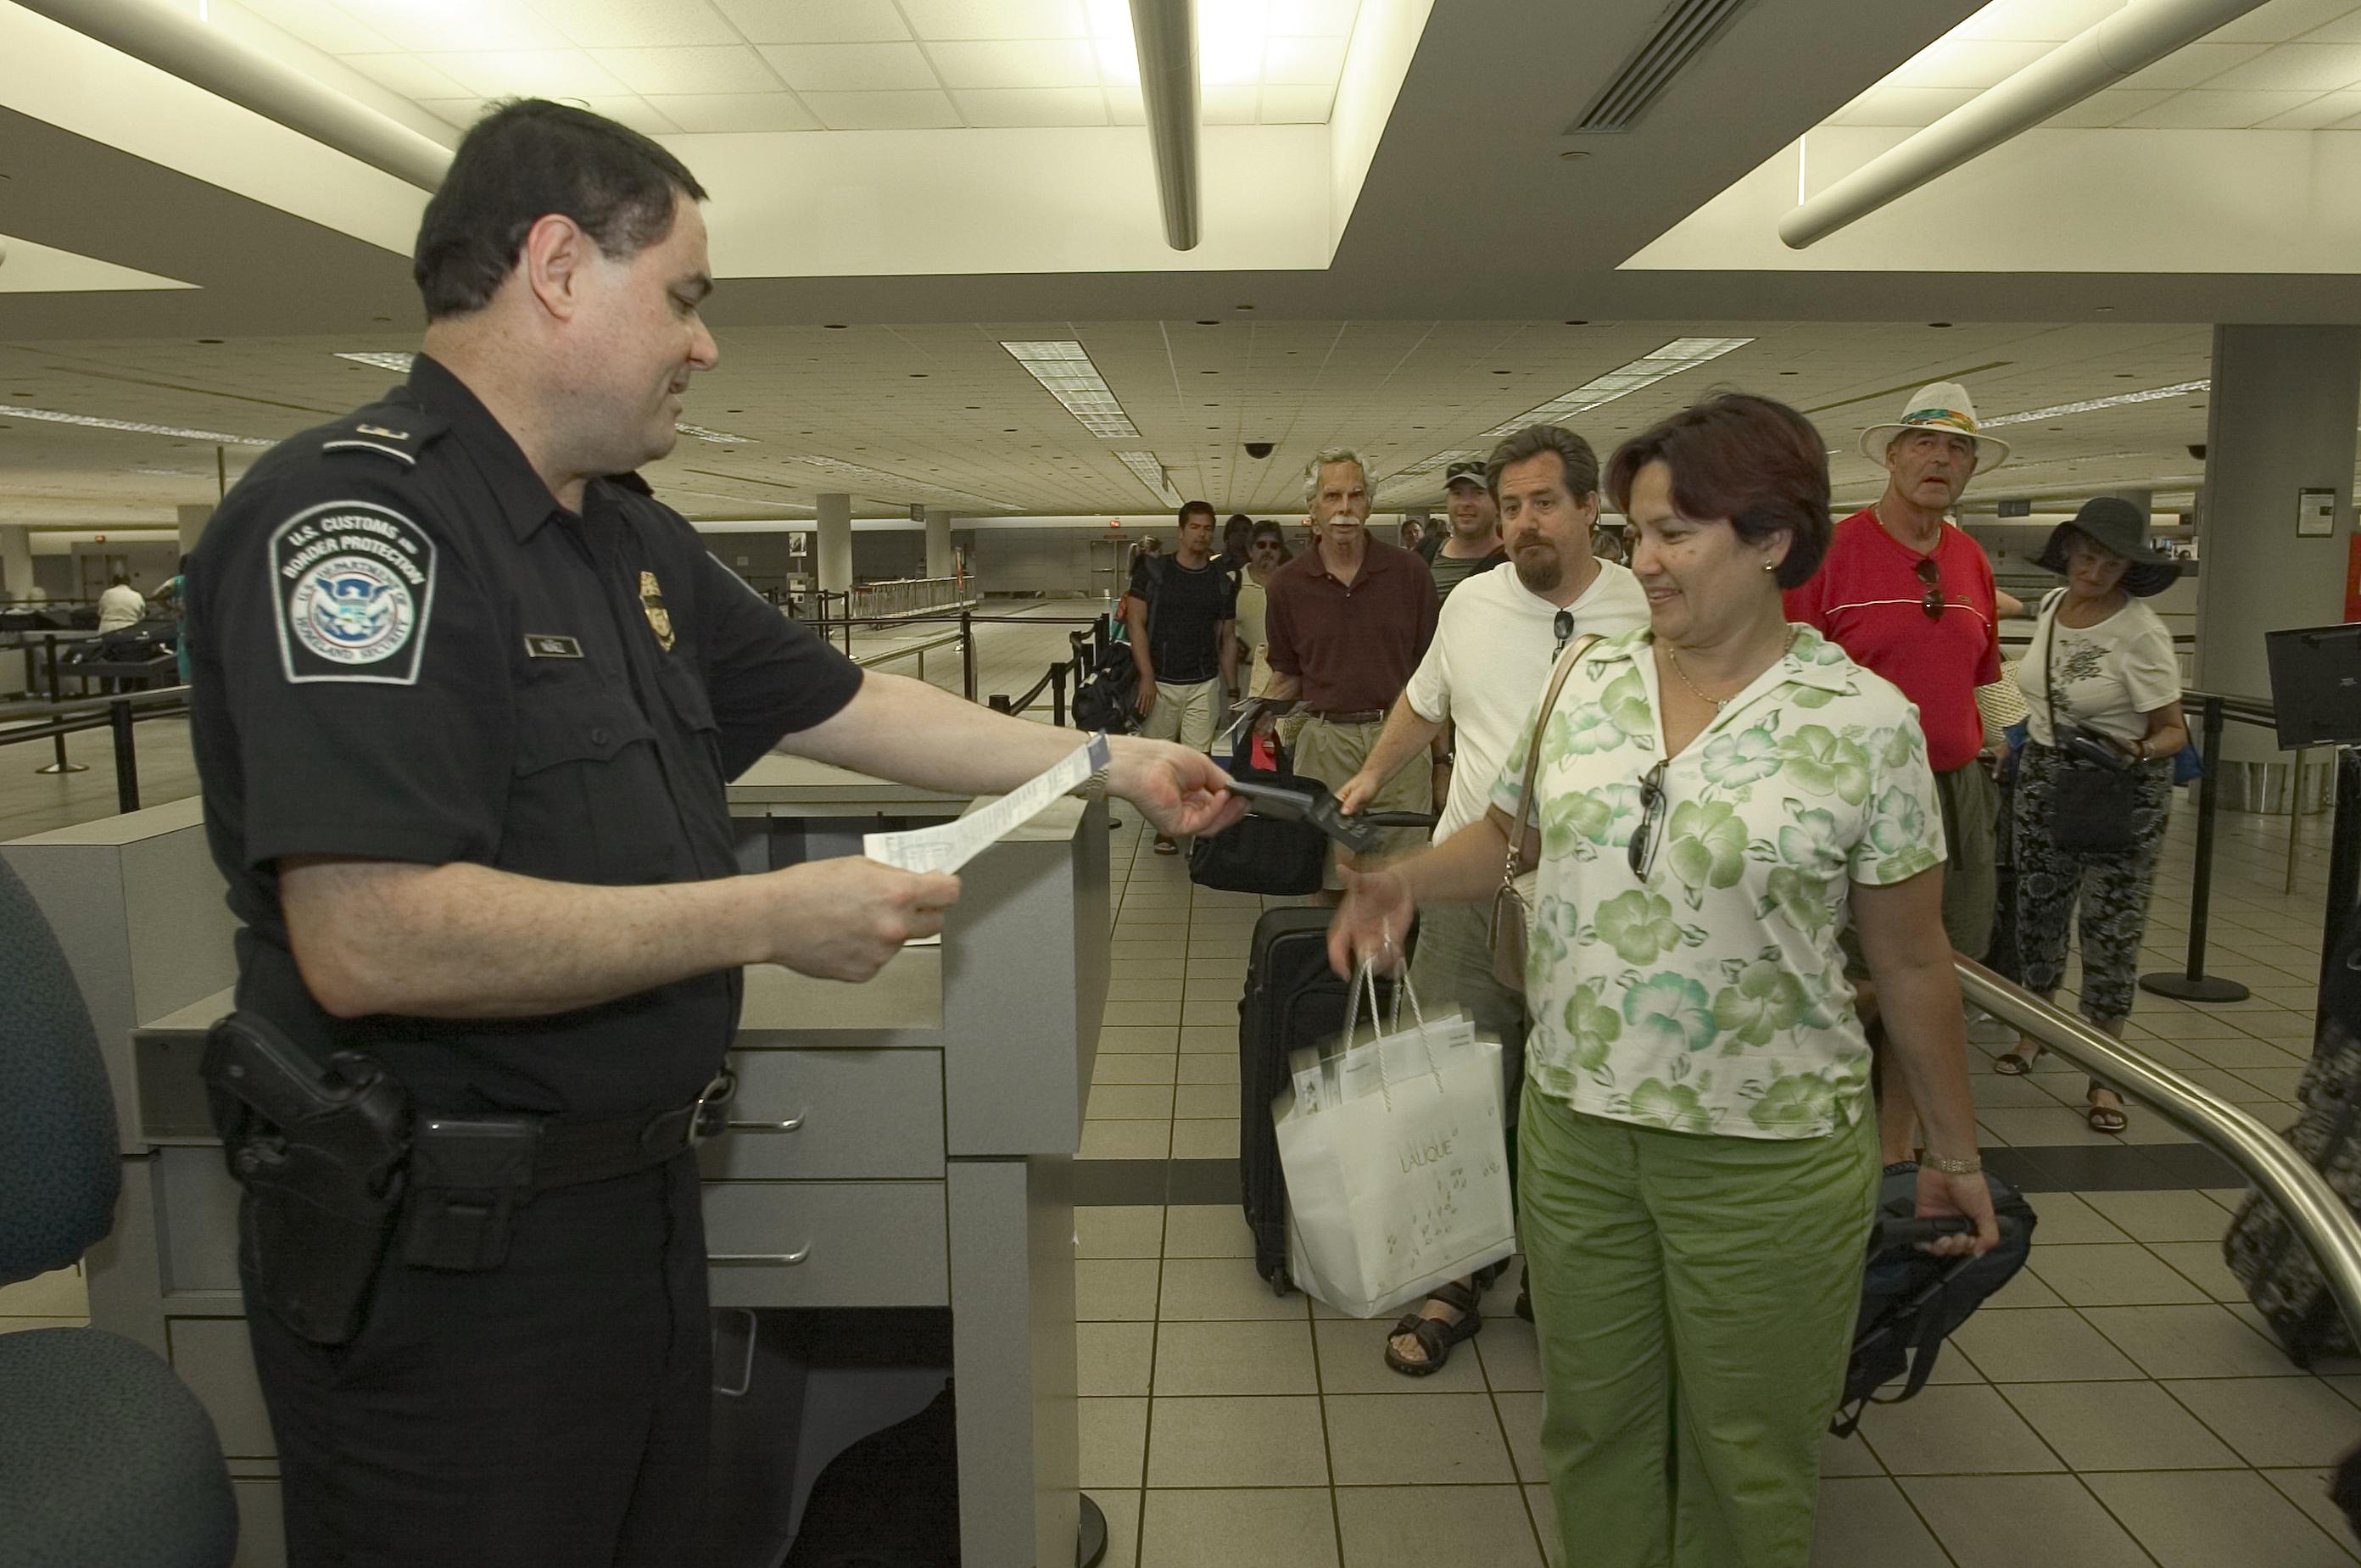 I gennemsnit kontrollerede pasbetjente i USA's lufthavne hver dag sidste år omkring 340.000 ankommende flypassagerer og besætningsmedlemmer. Foto: U.S. Customs and Border Protection.